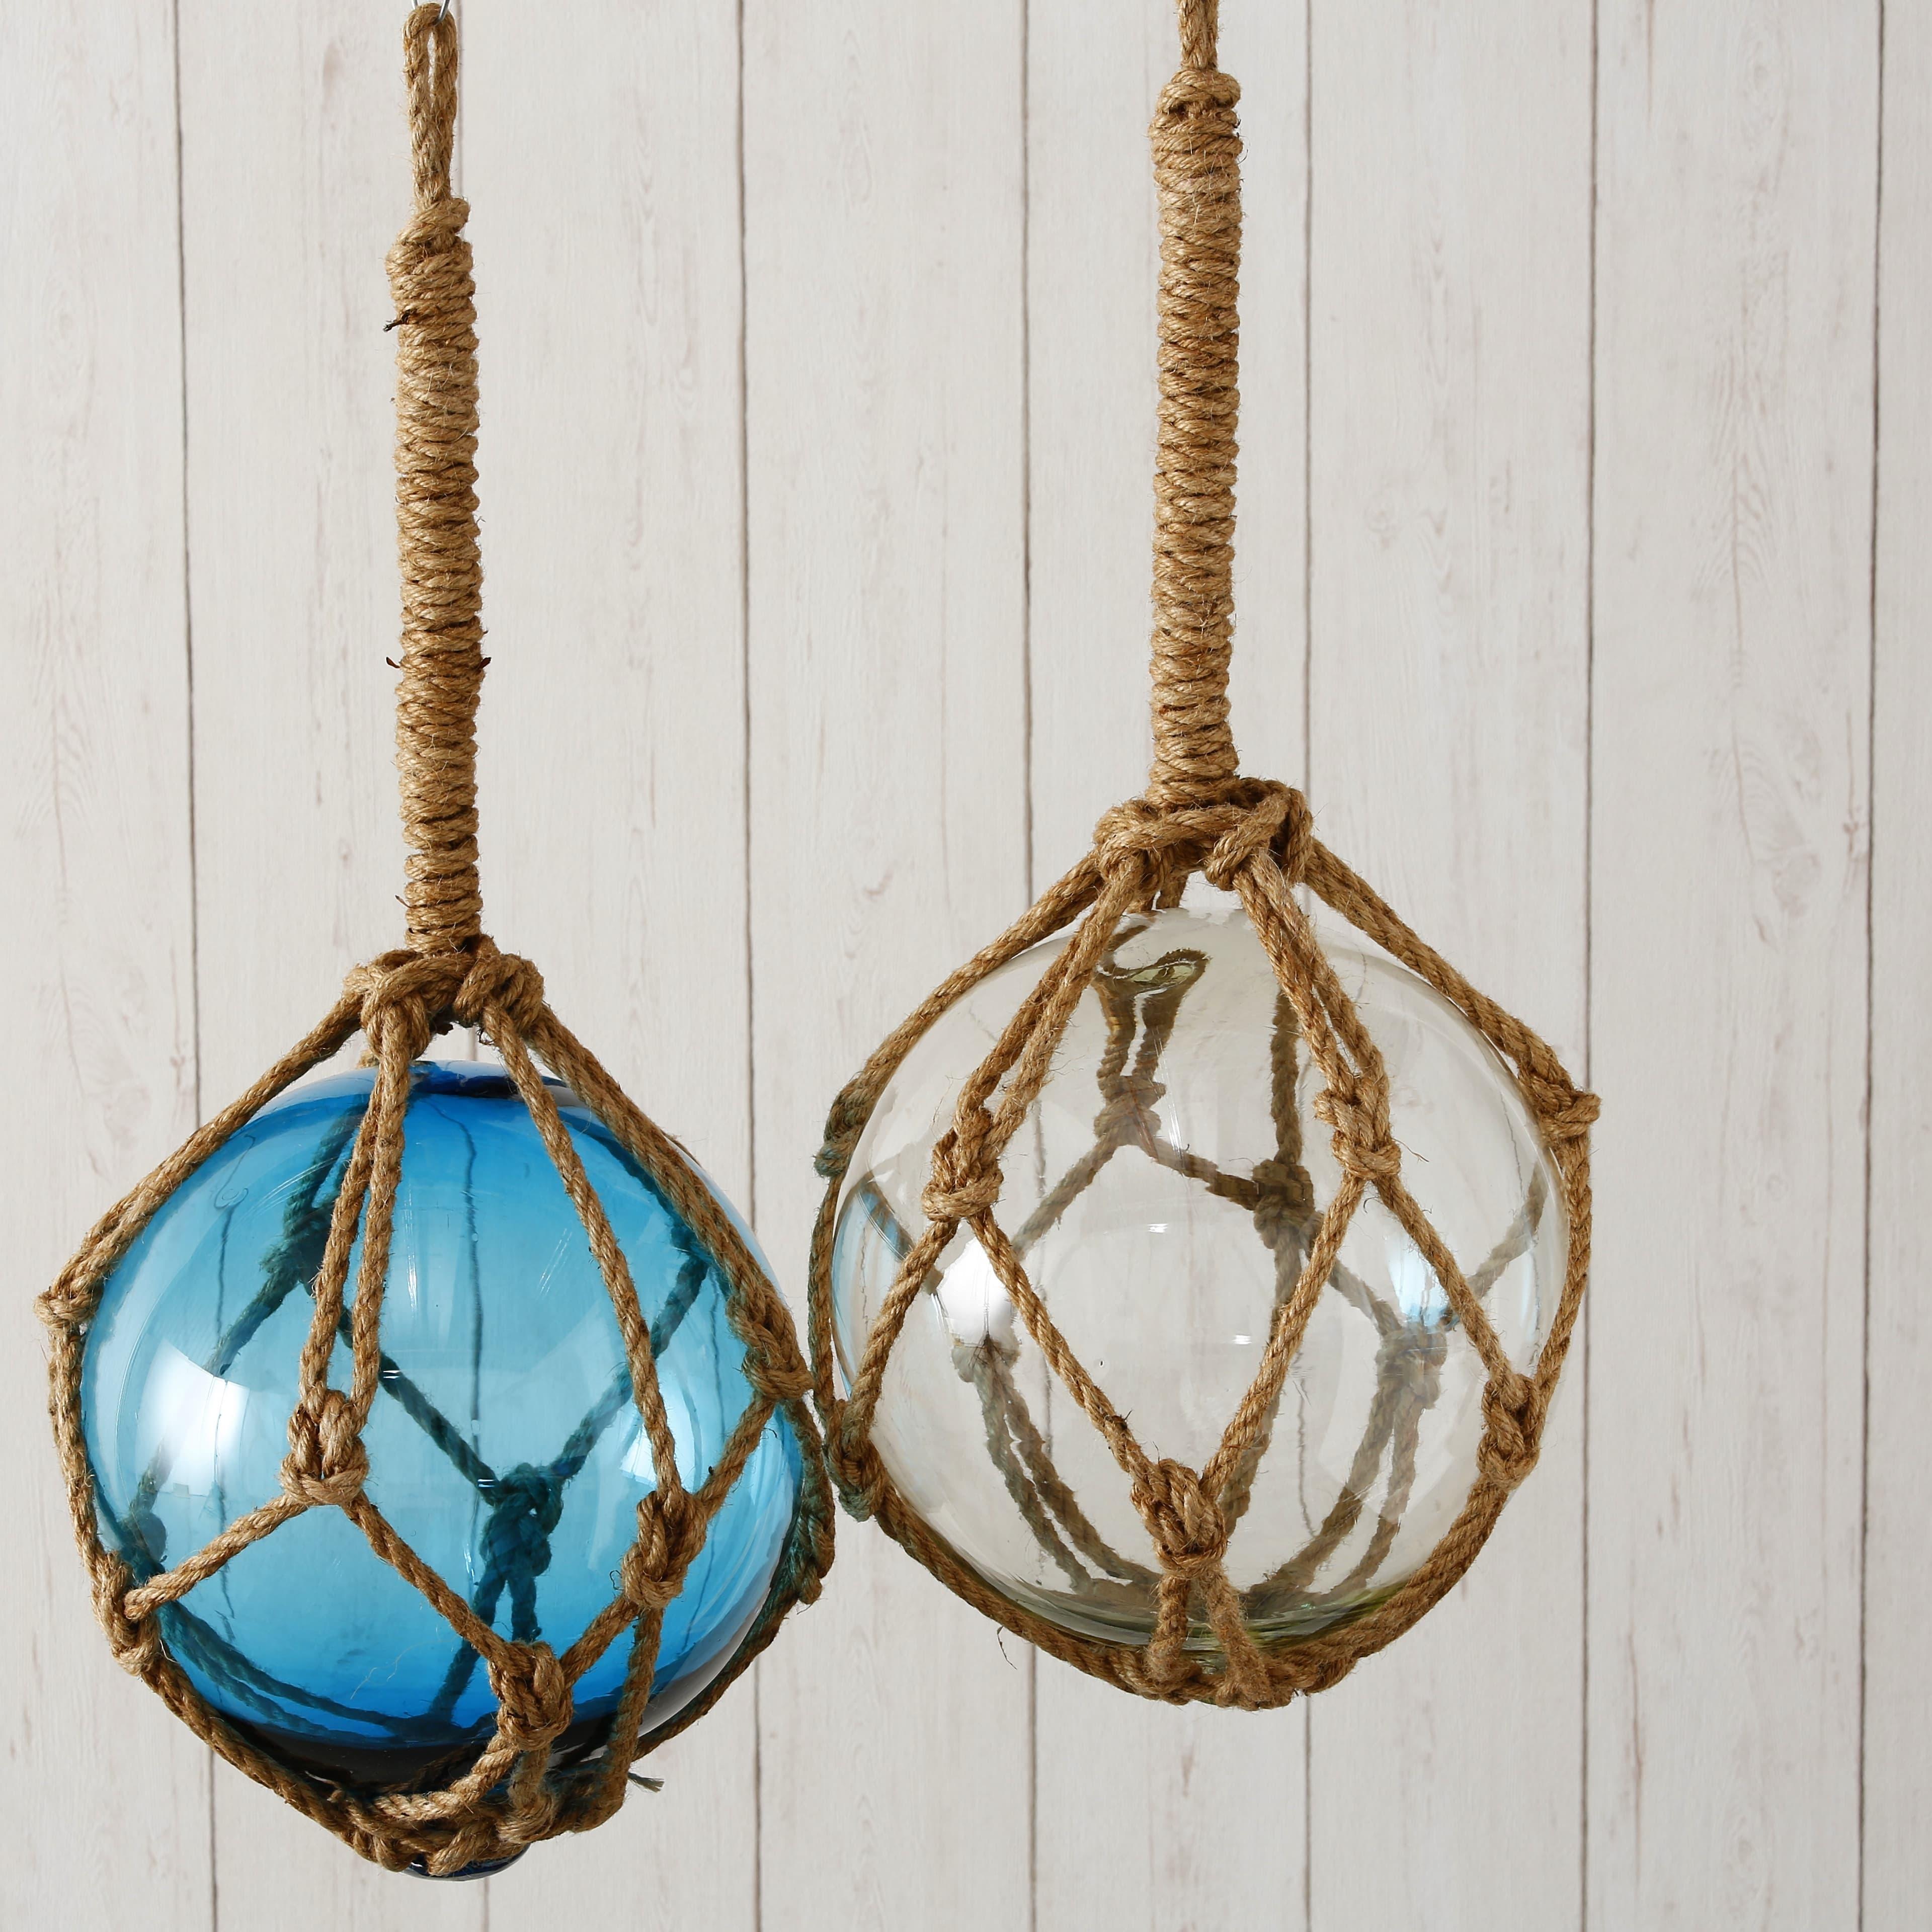 Decoratiune suspendabila din sticla Fisher Clear / Turcoaz, Modele Asortate, Ø25xH25 cm